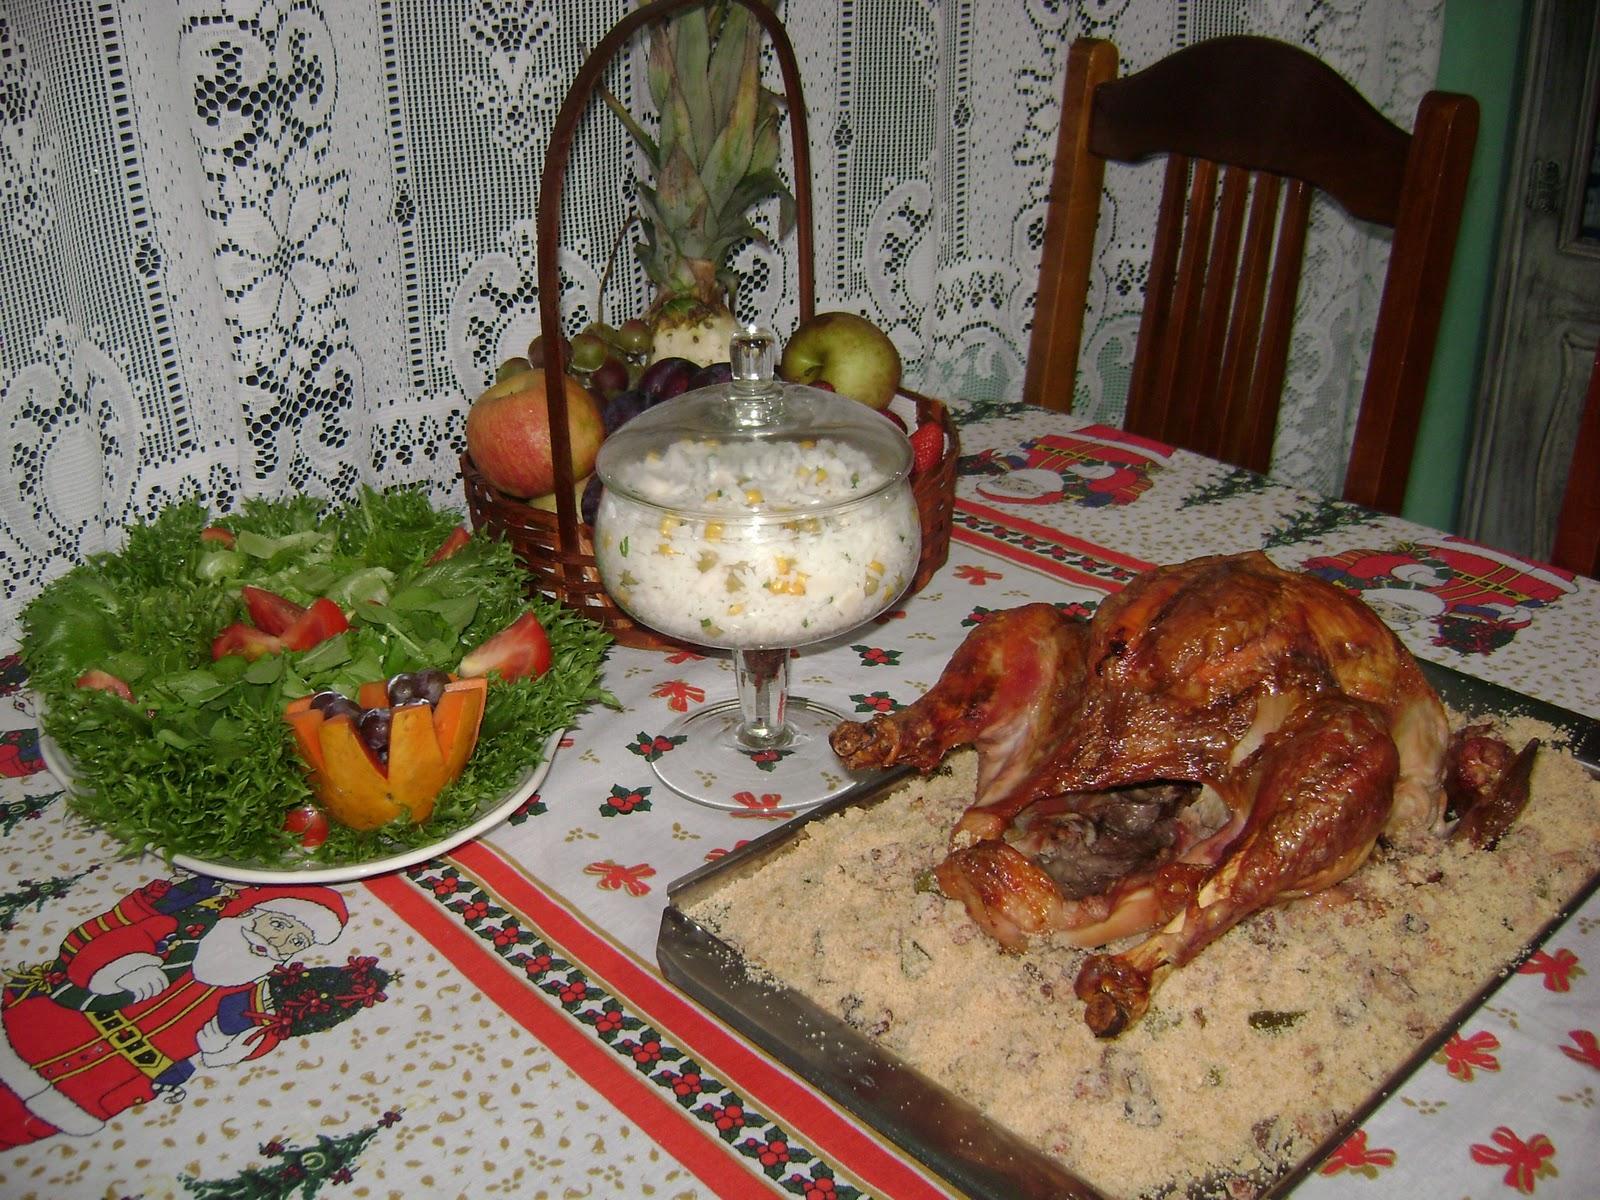 Ceia de Natal simples e saborosa! Pathy Arteira -> Decoração Ceia De Natal Simples